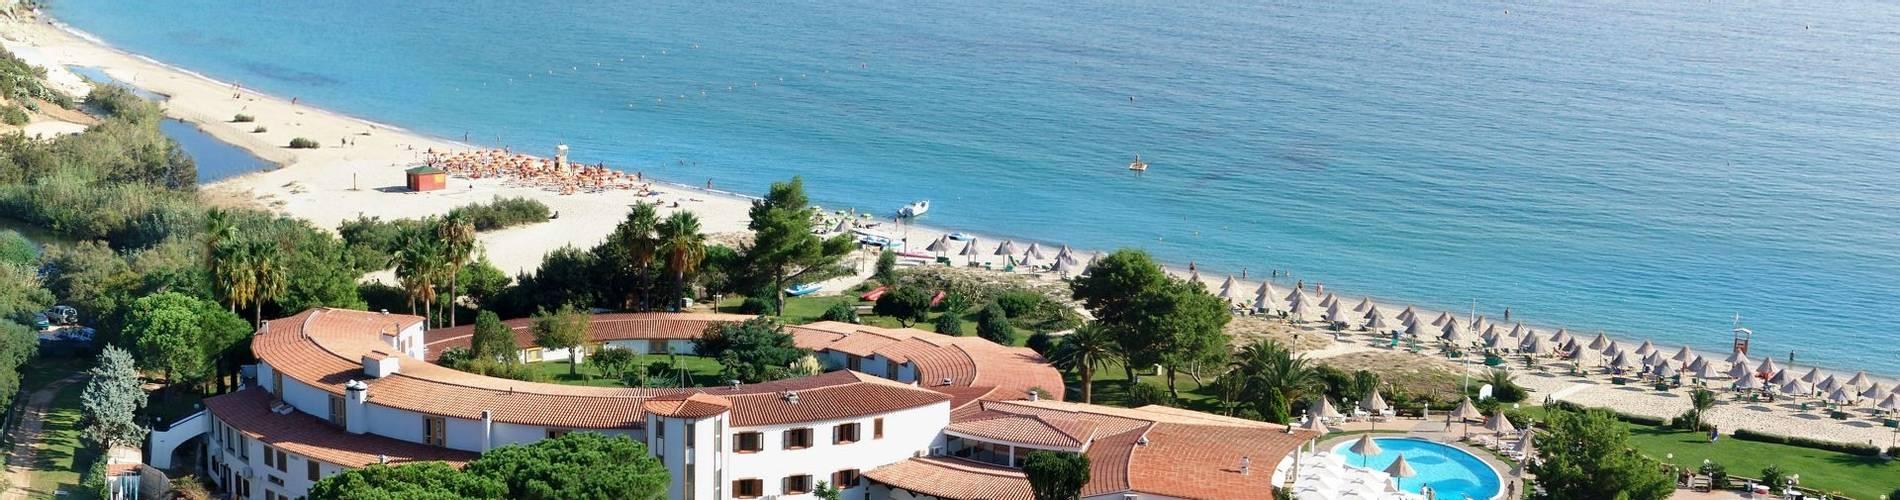 Hotel Cormoran, Sardinia, Italy (2).jpg